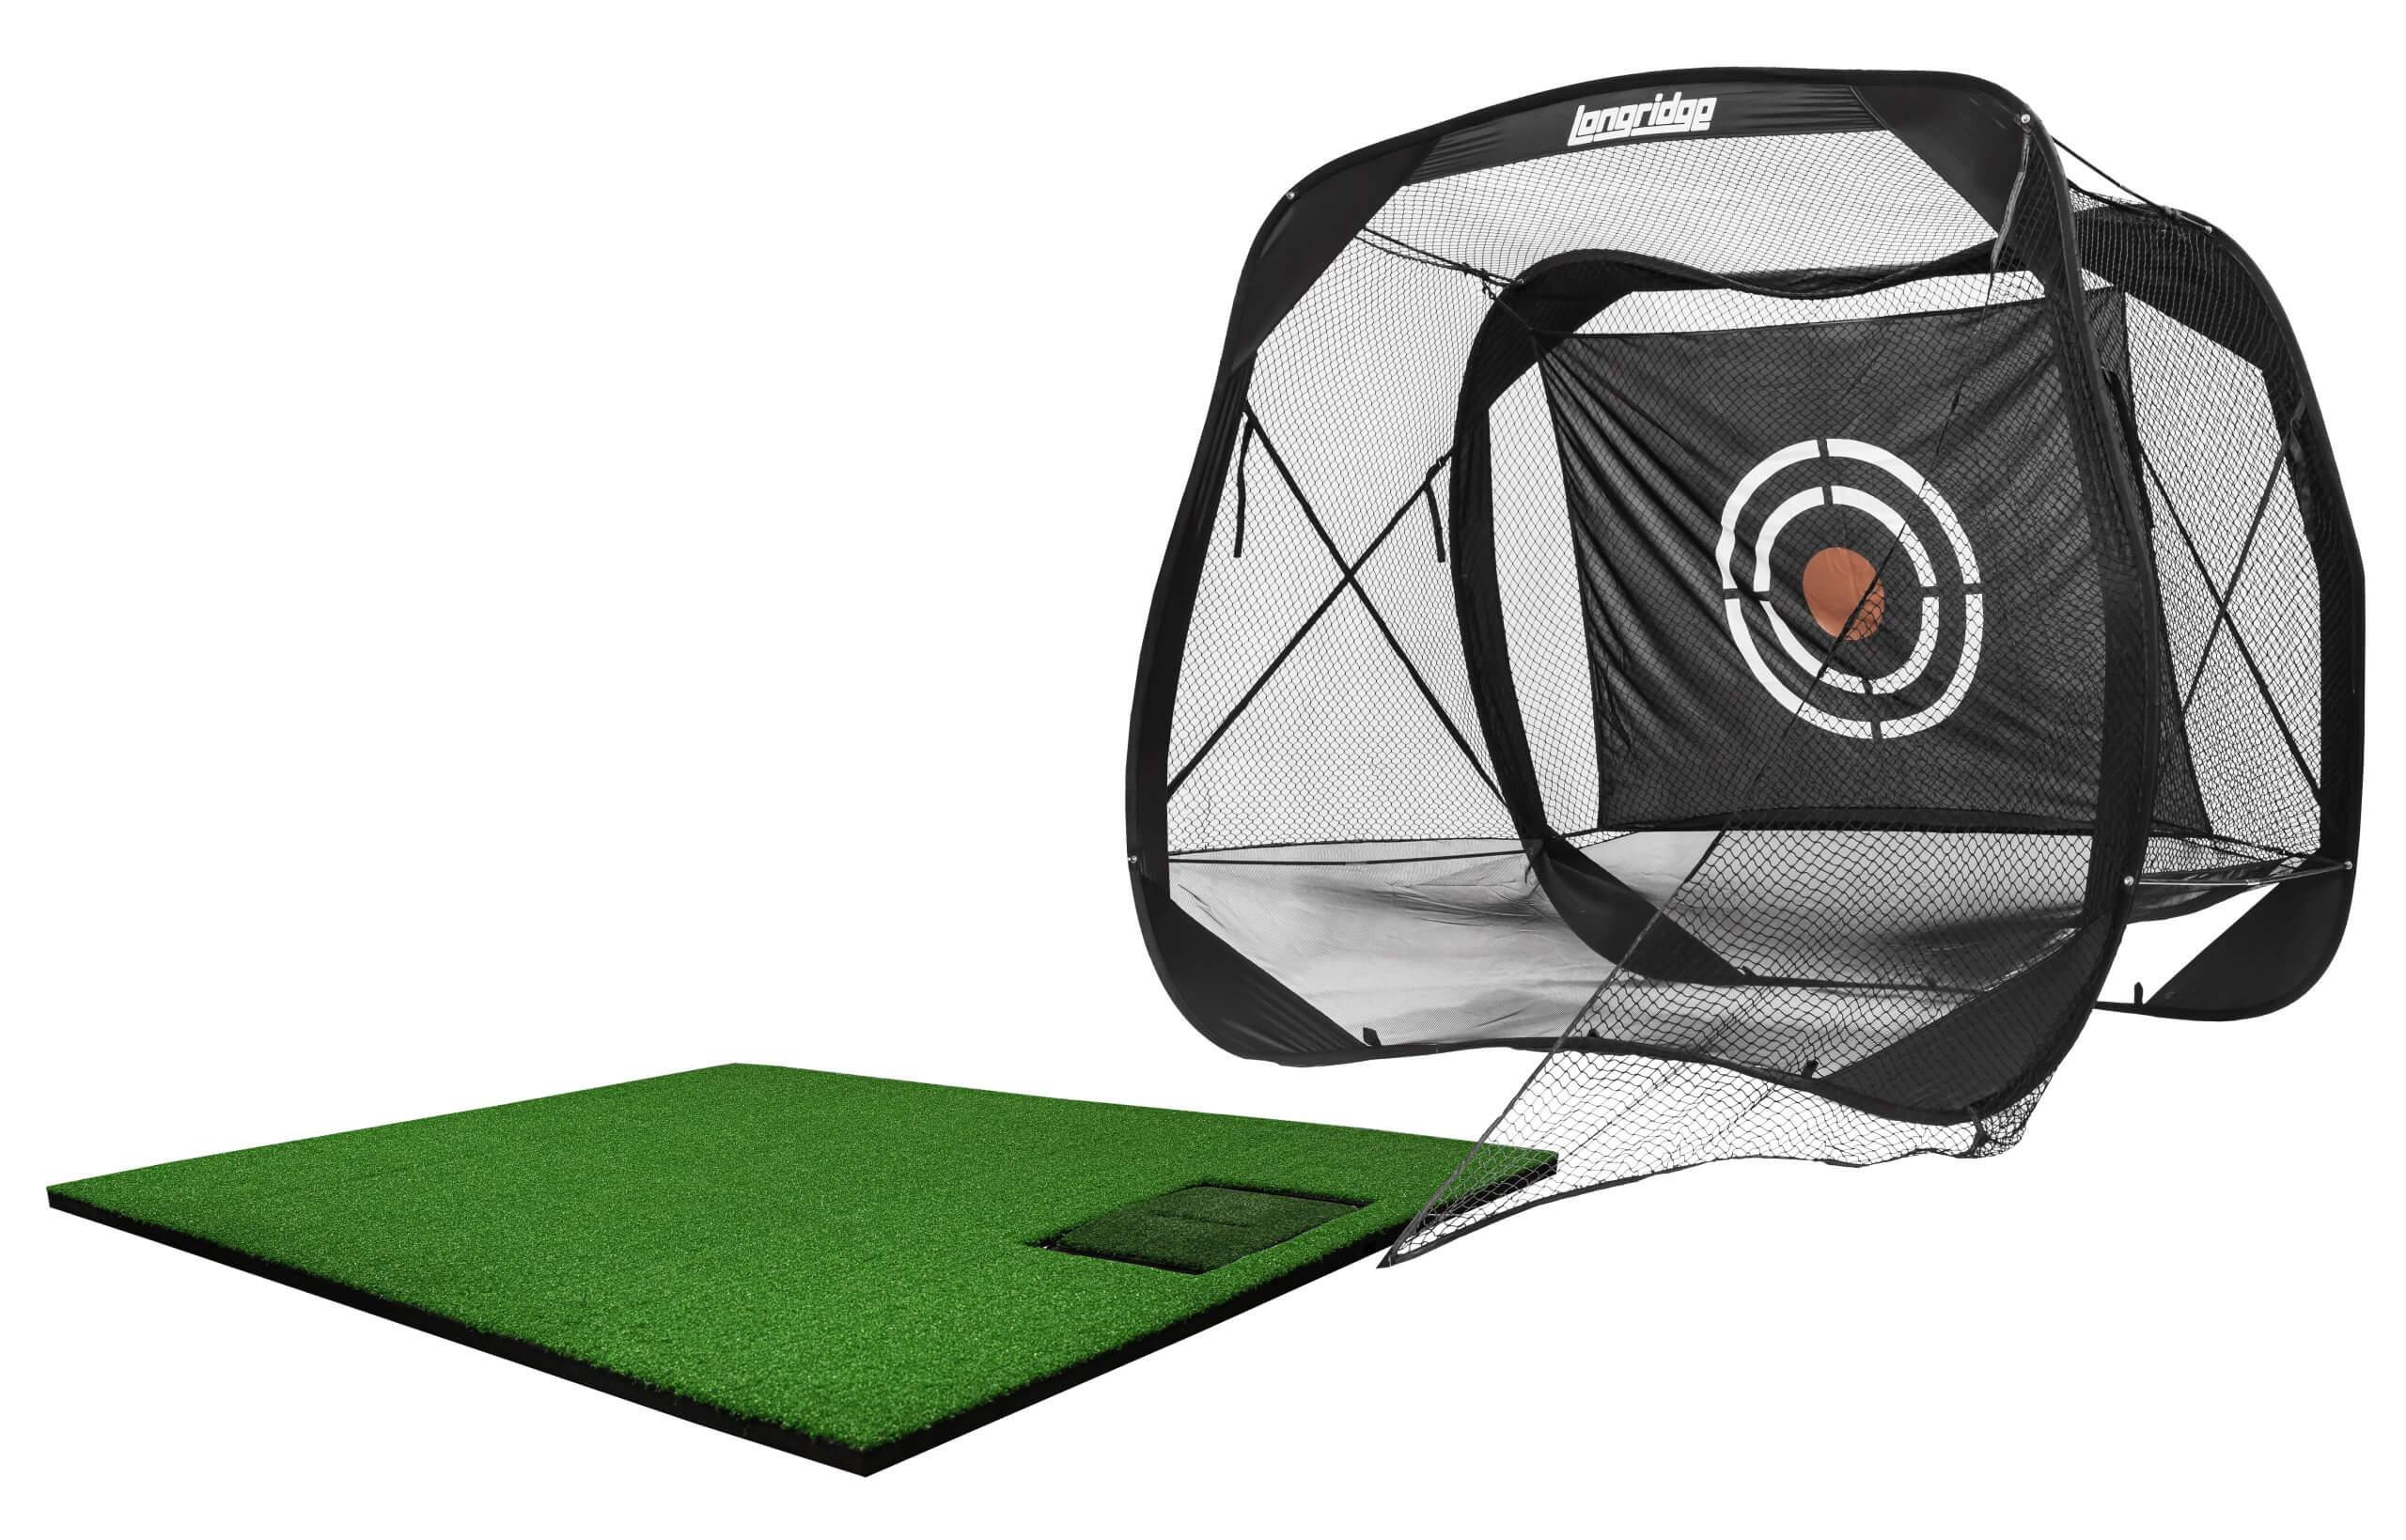 32+ Boditrak golf mat for sale info